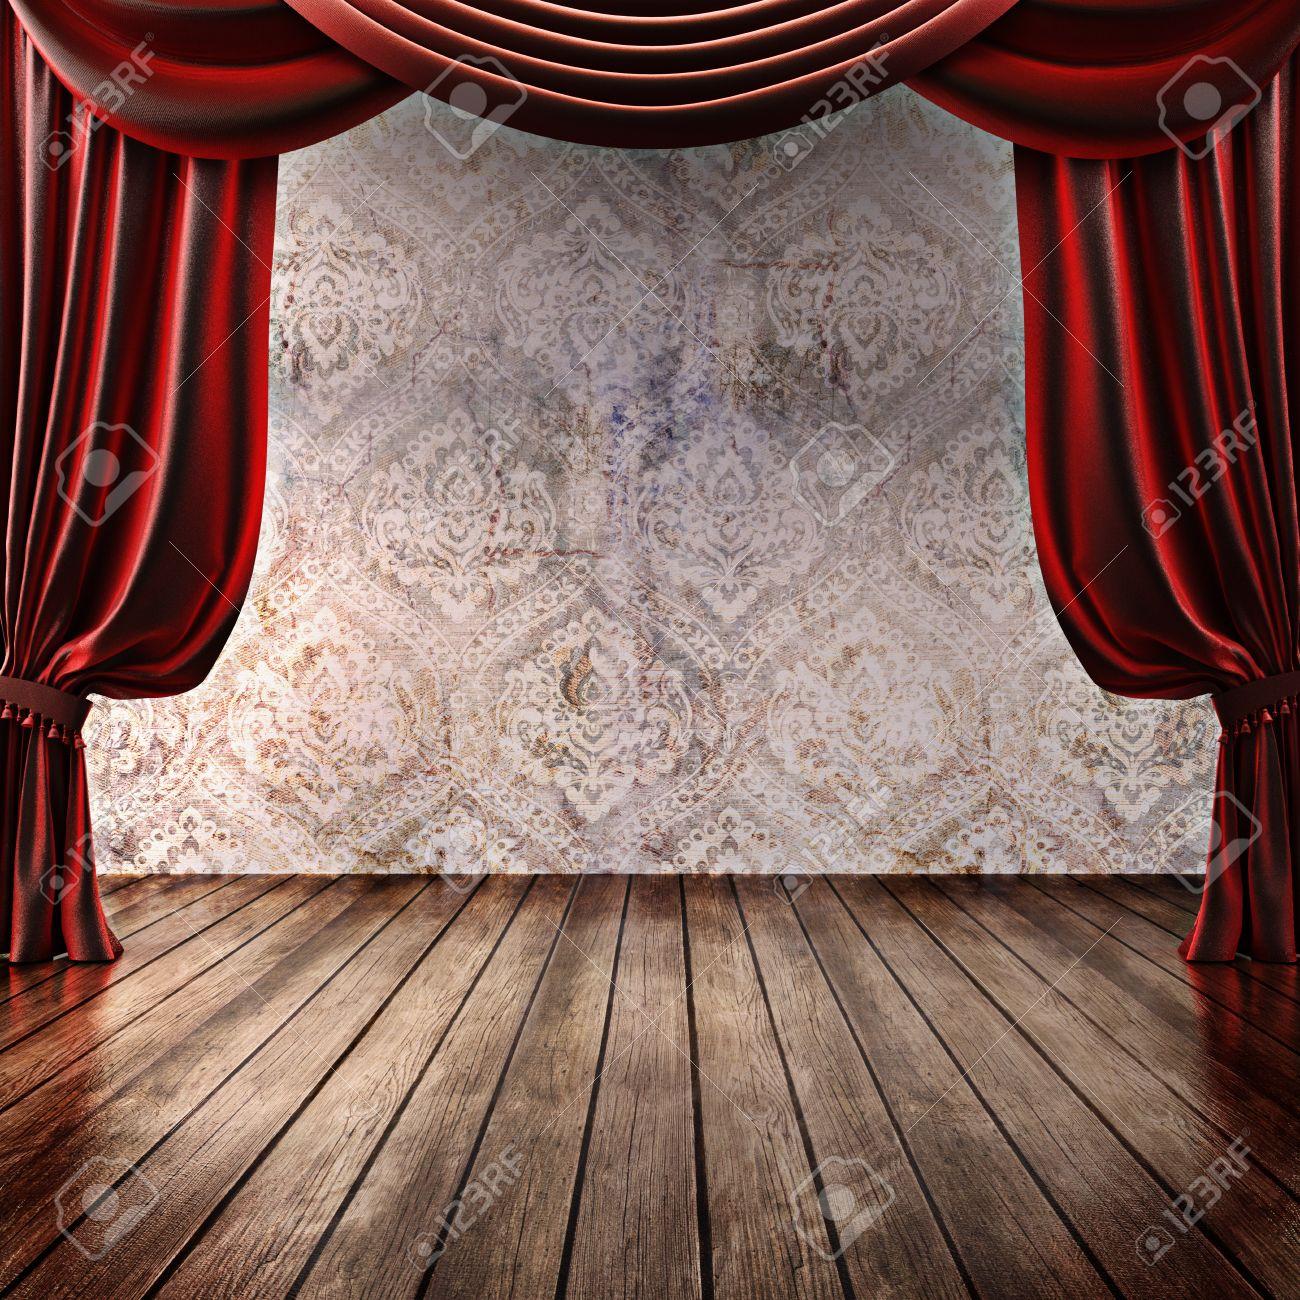 Musica de fondo para teatro